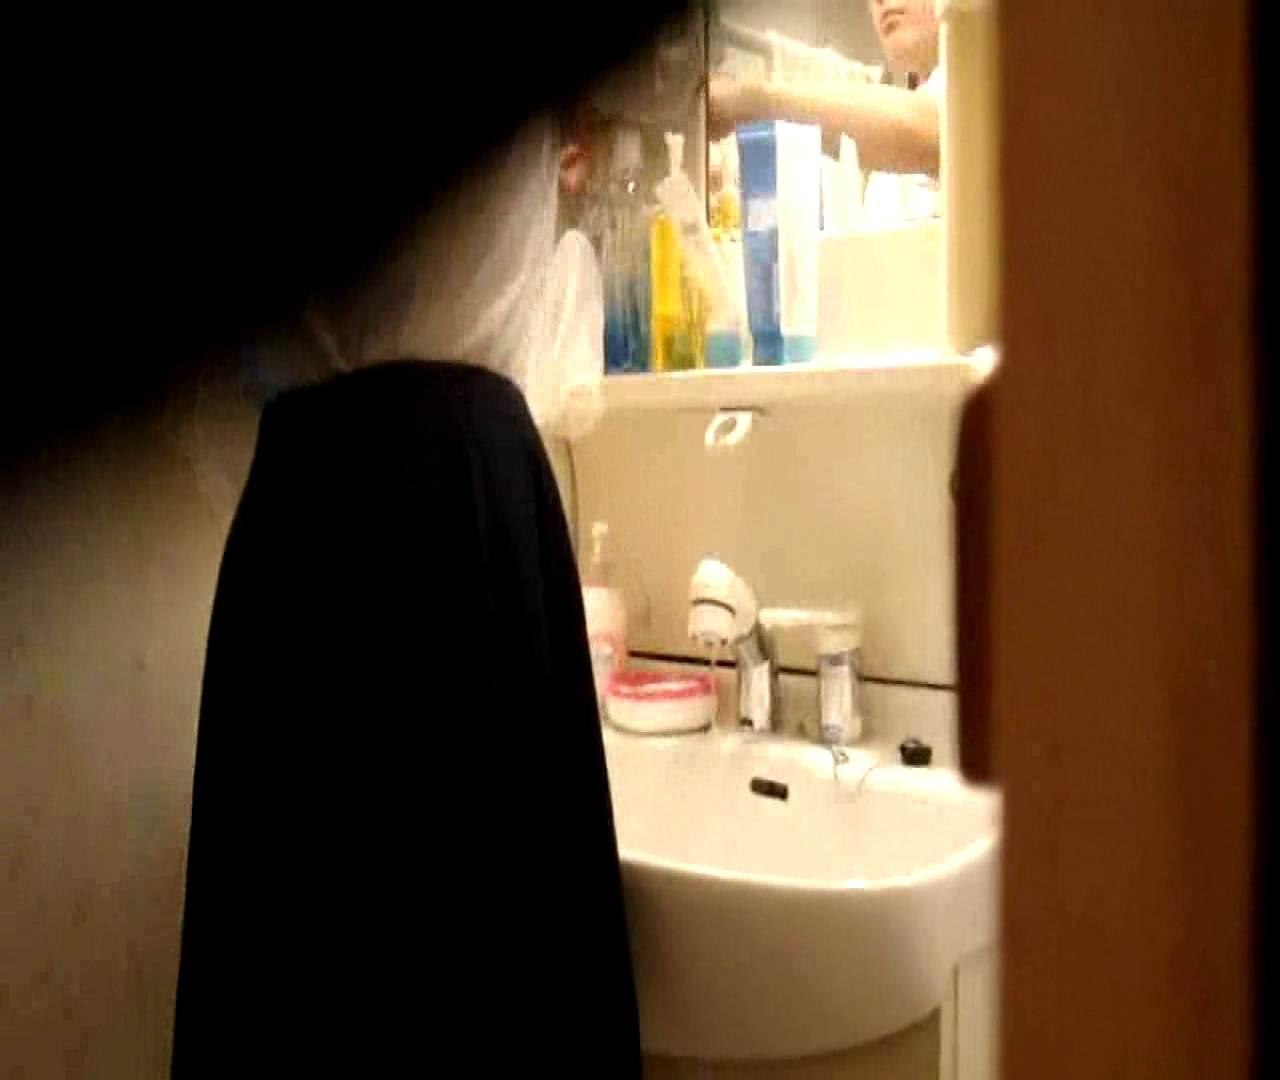 二人とも育てた甲斐がありました… vol.05 まどかが洗顔後にブラを洗濯 盗撮特集   おまんこ  86画像 49